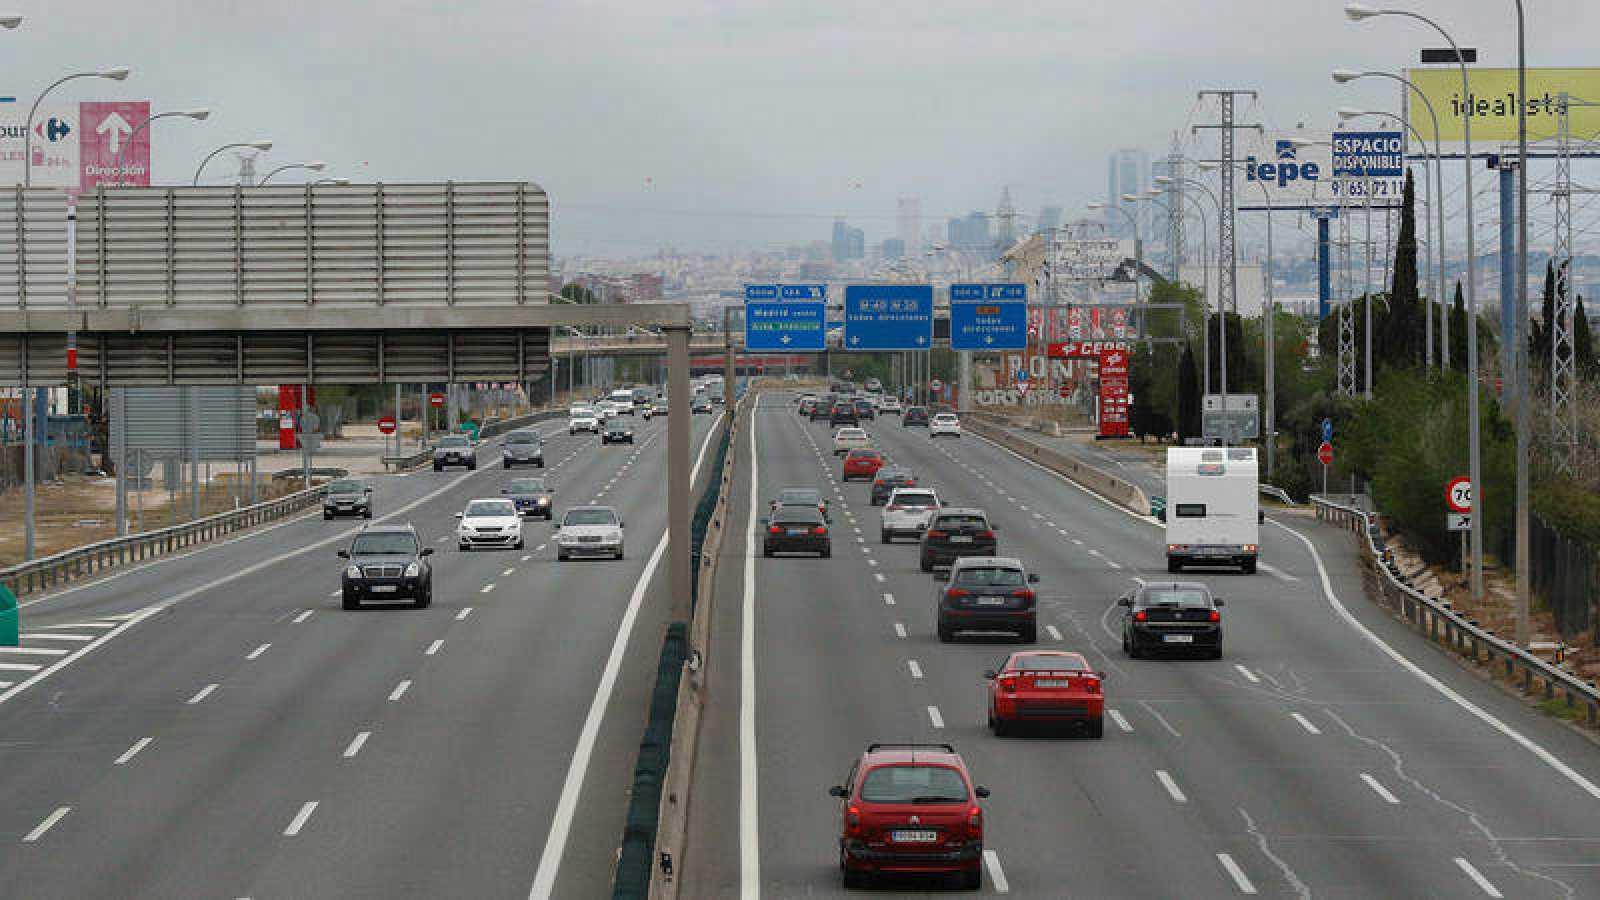 Estado del tráfico en la A-4, carretera de Andalucía en sentido entrada a Madrid durante la Semana Santa 2019